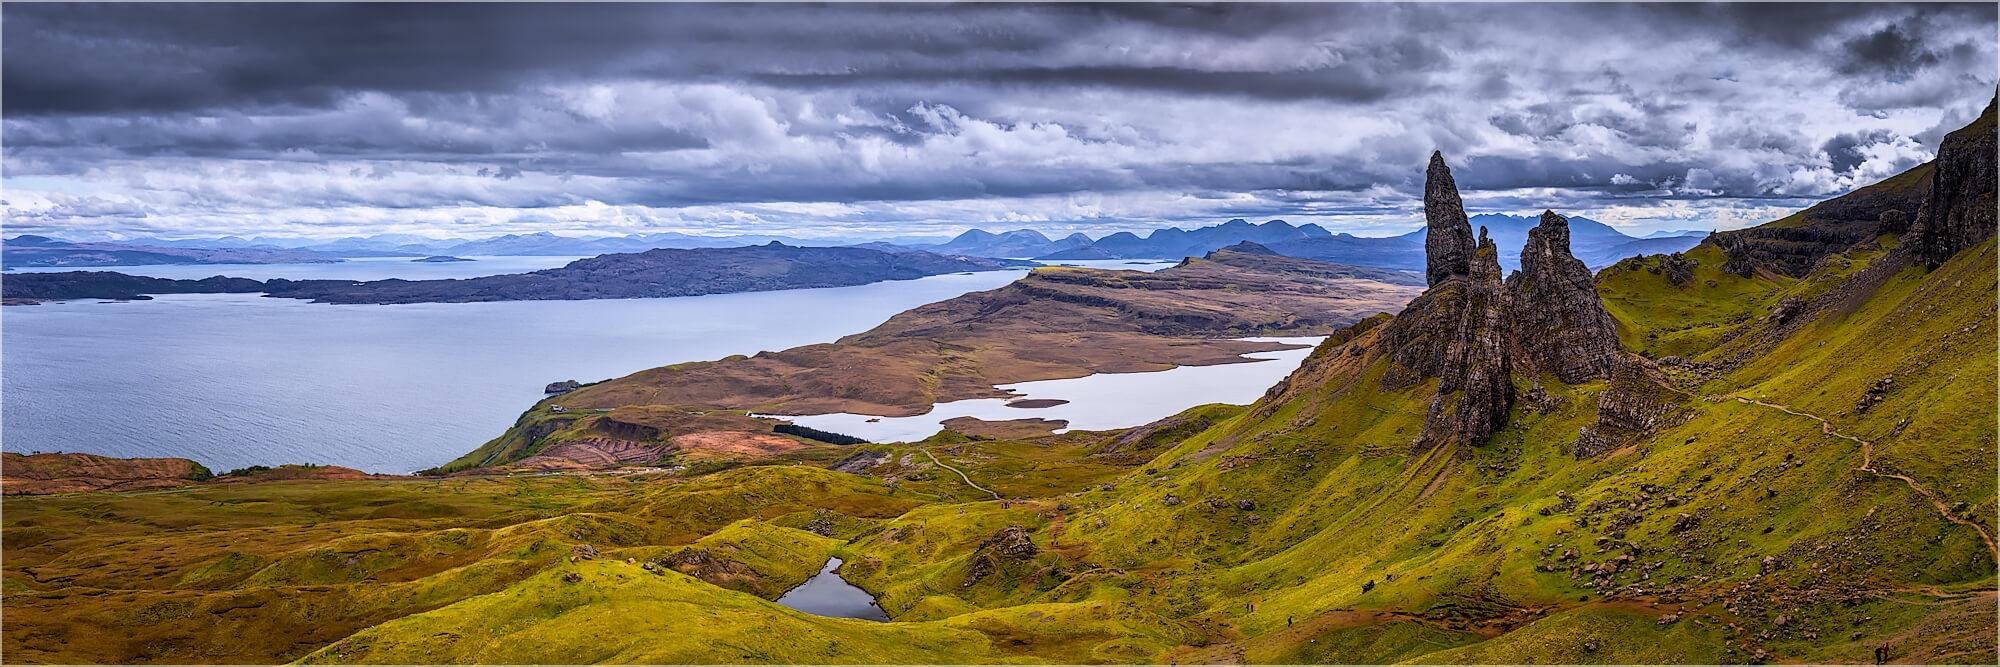 Panoramafoto Old man of Storr Isle of Skye Schottland